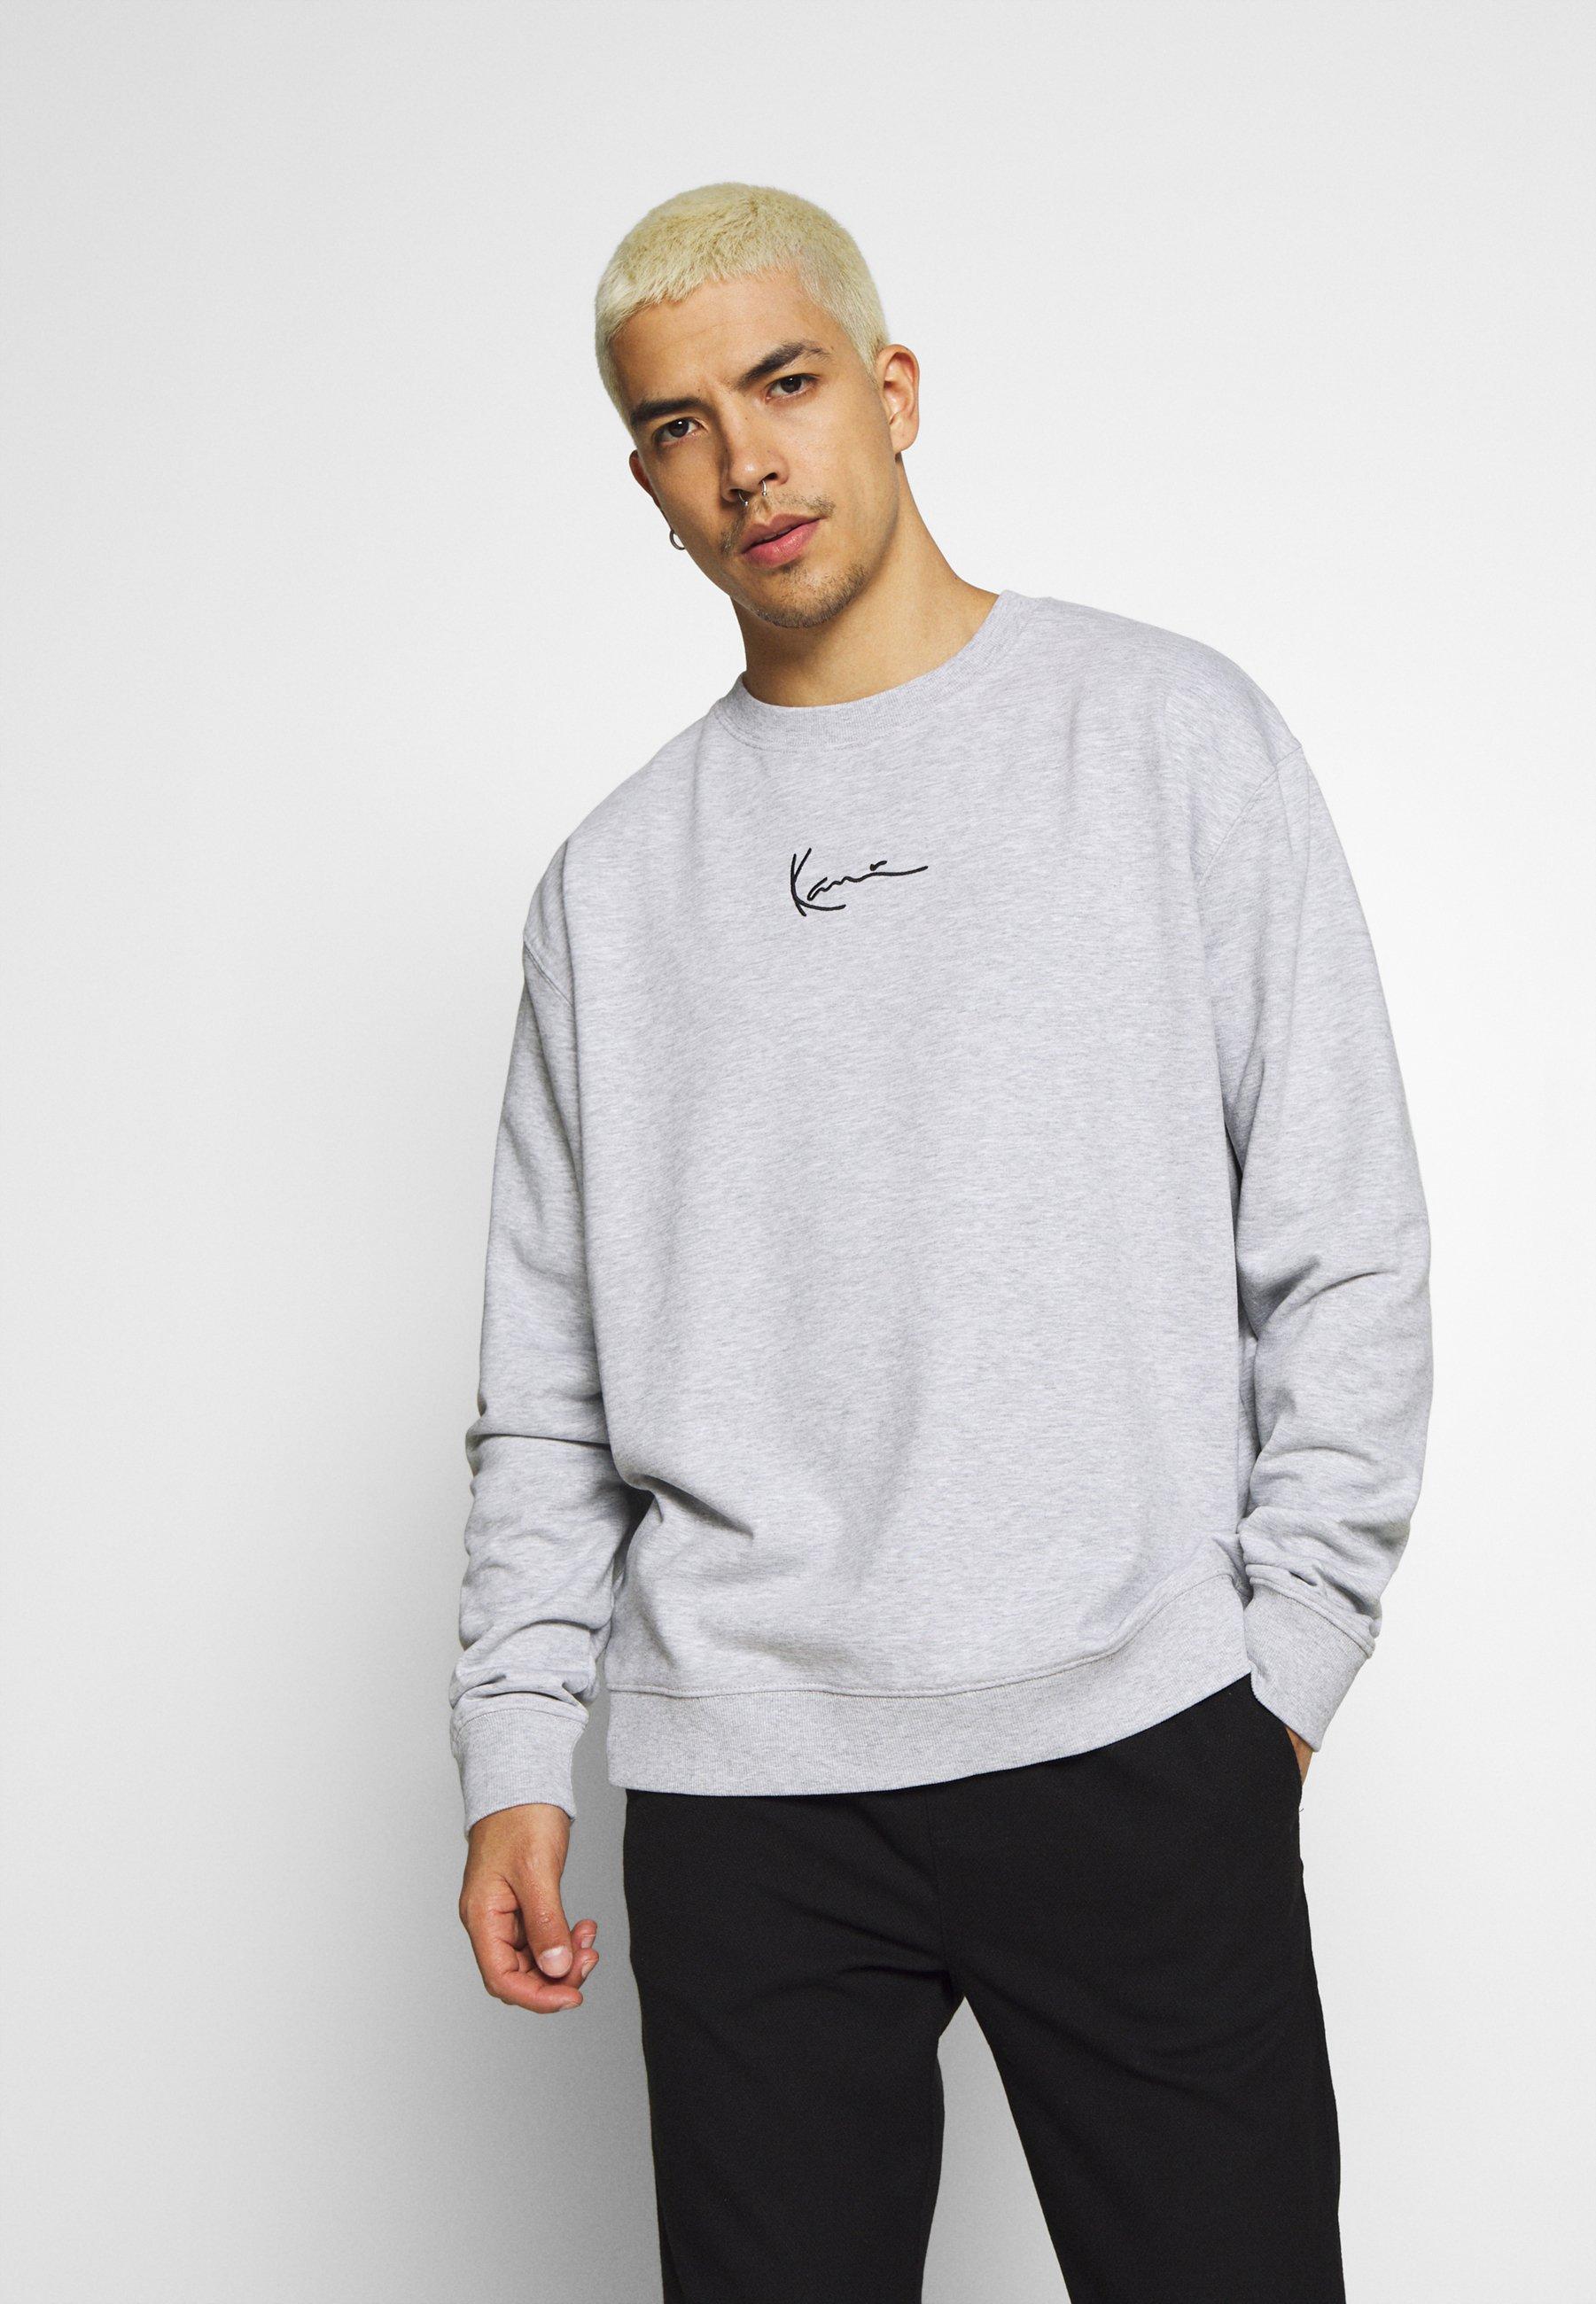 Karl Kani SIGNATURE CREW - Sweater - grey/black  Heren Truien & vesten nssKL